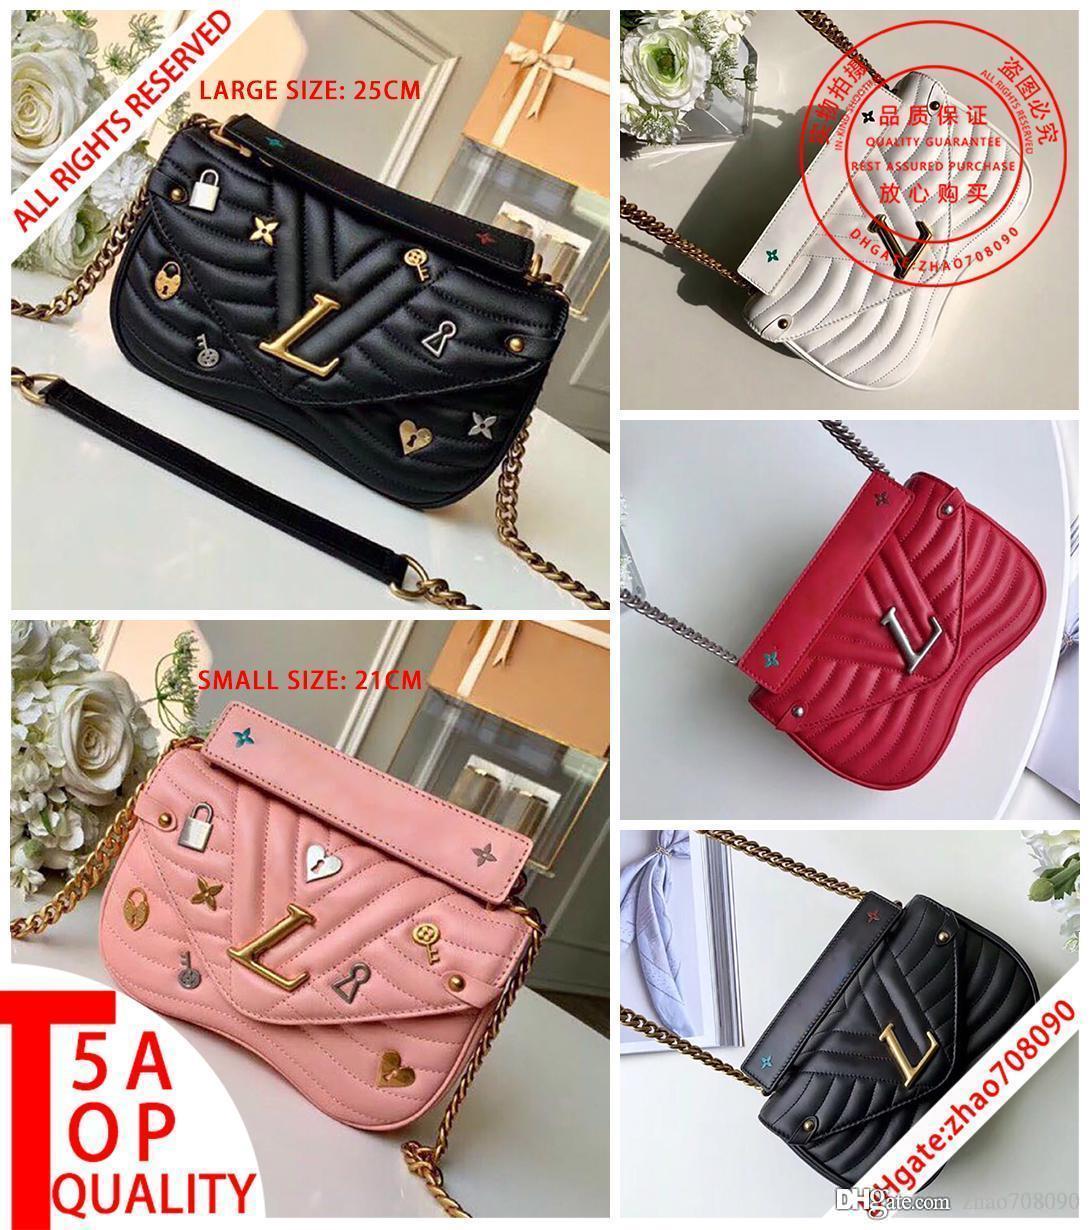 kutu B008 ile 5A En kaliteli Yeni Dalga Crossbody çanta gerçek deri Messenger çanta kadın omuz çantaları Akşam çantası koyun derisi cüzdan zinciri çantaları1